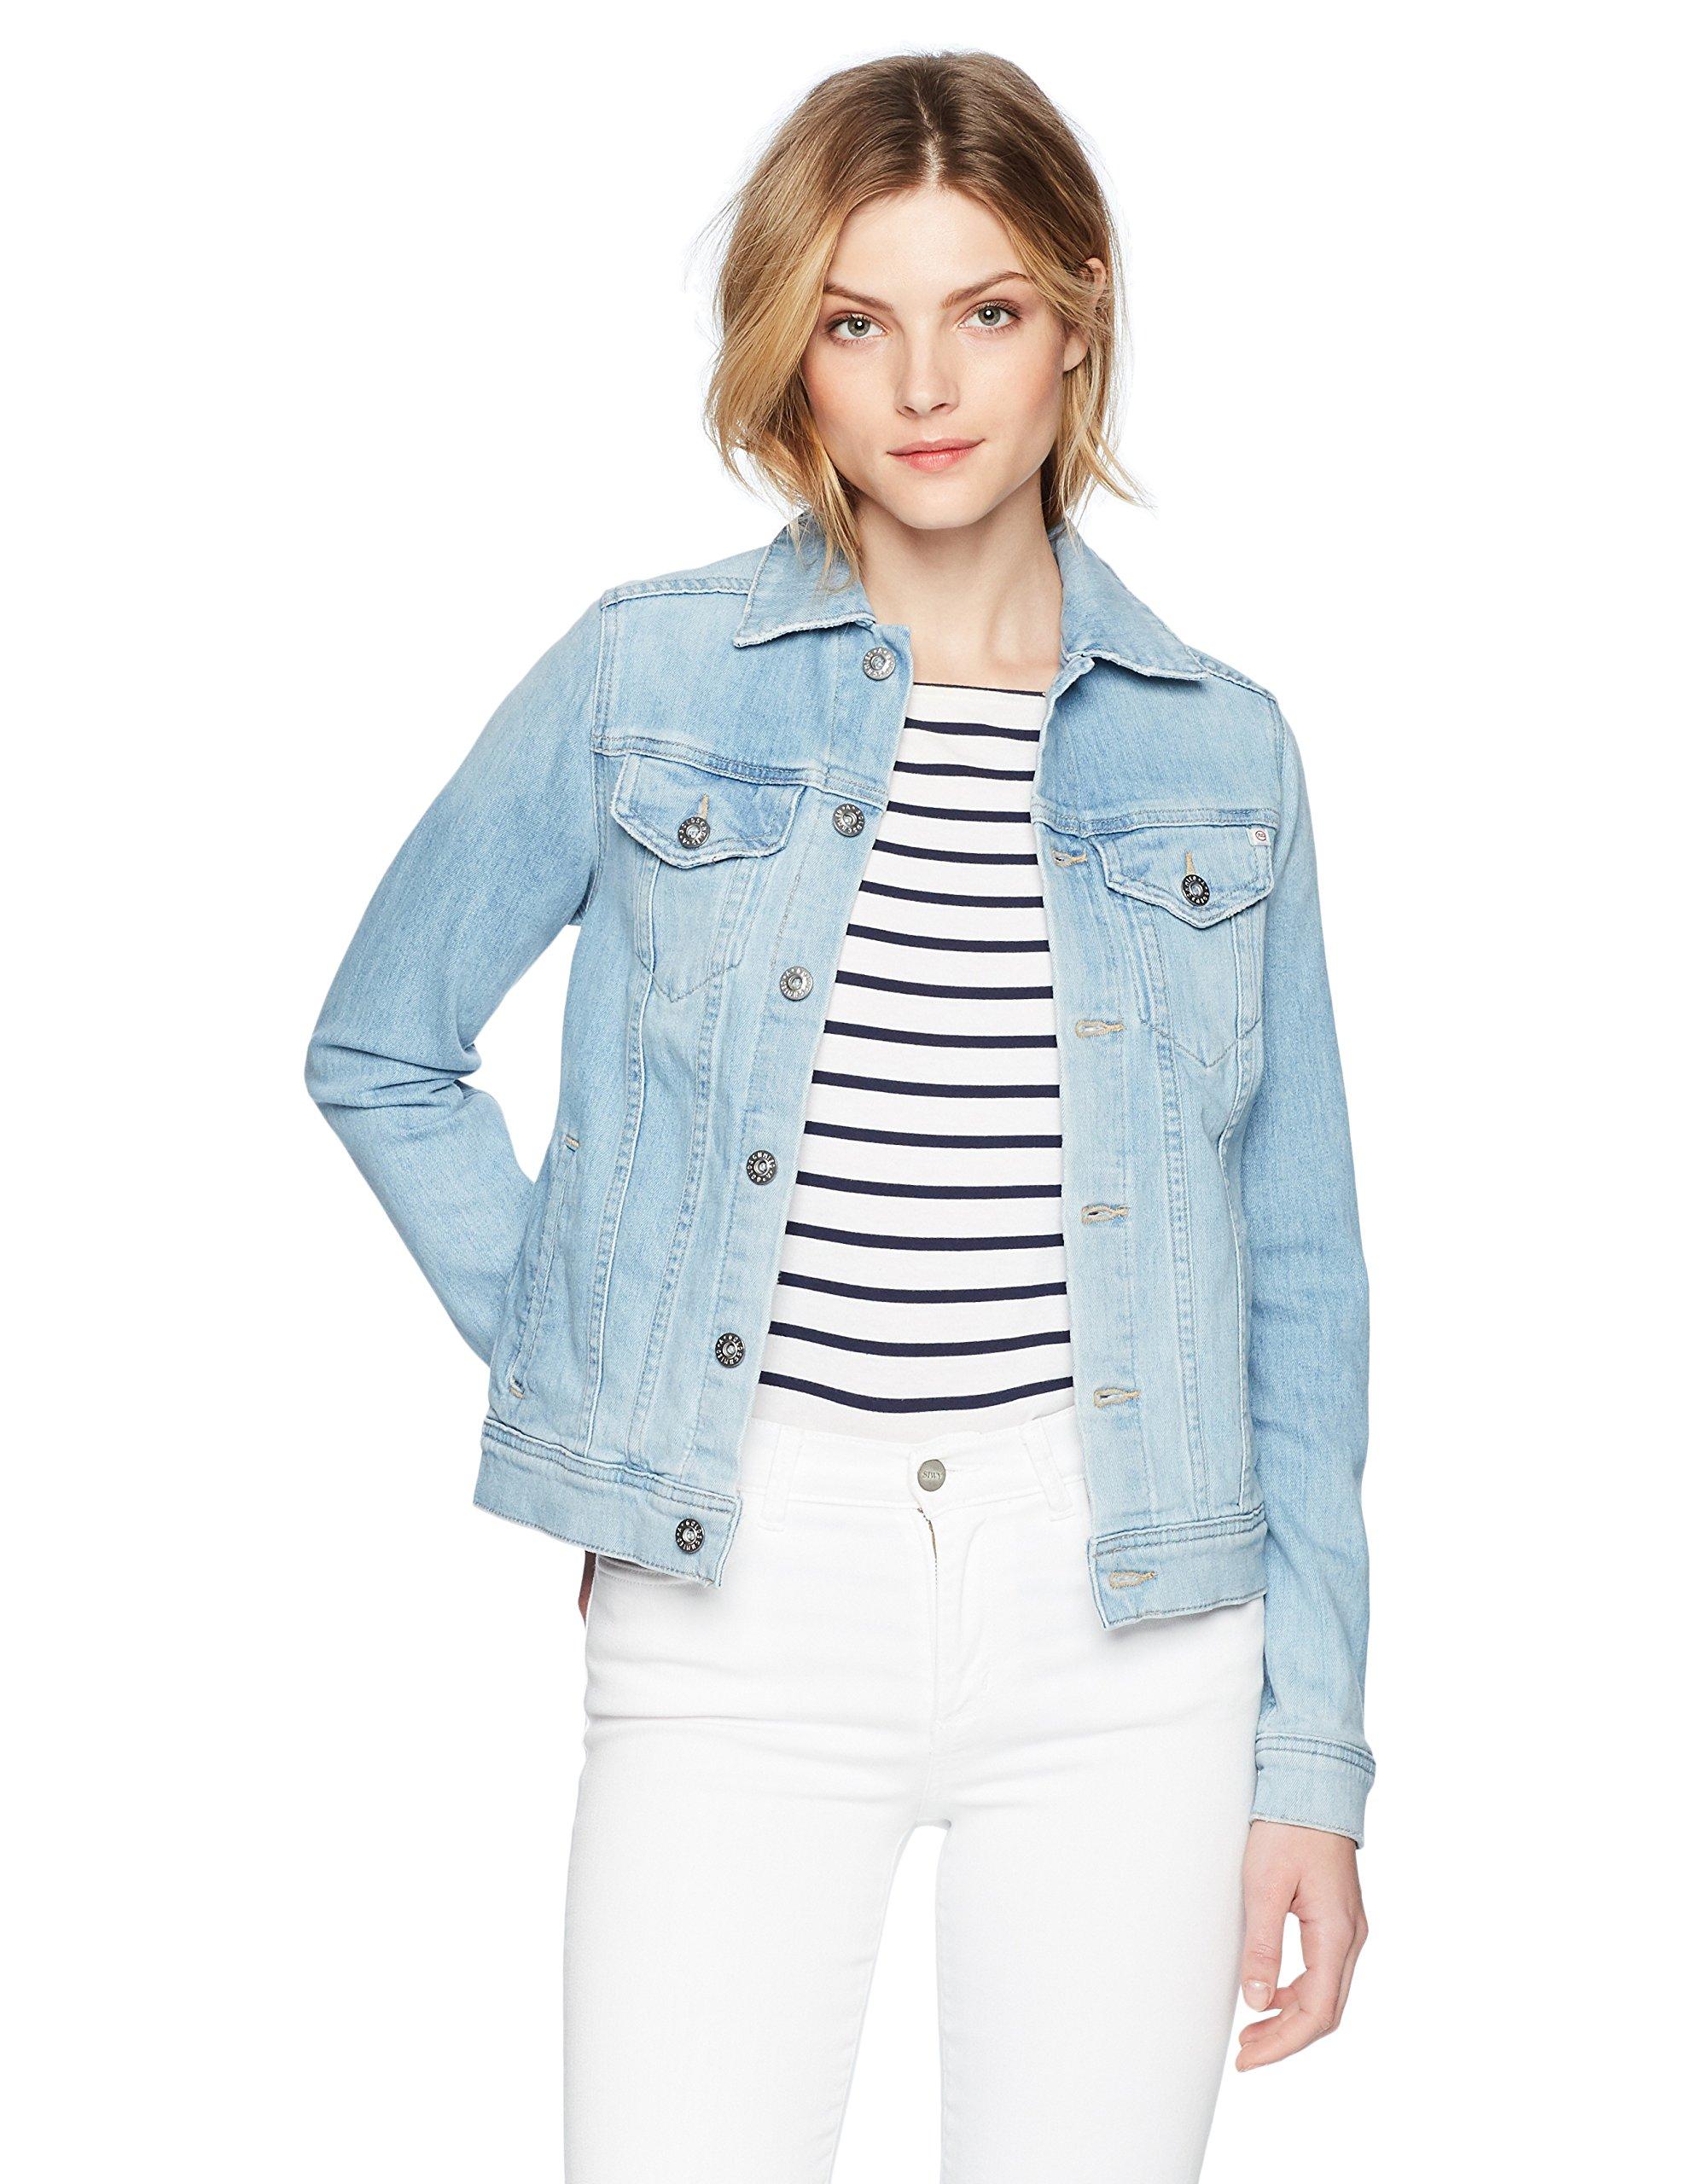 AG Adriano Goldschmied Women's MYA Jacket, Sunlight Blue XS